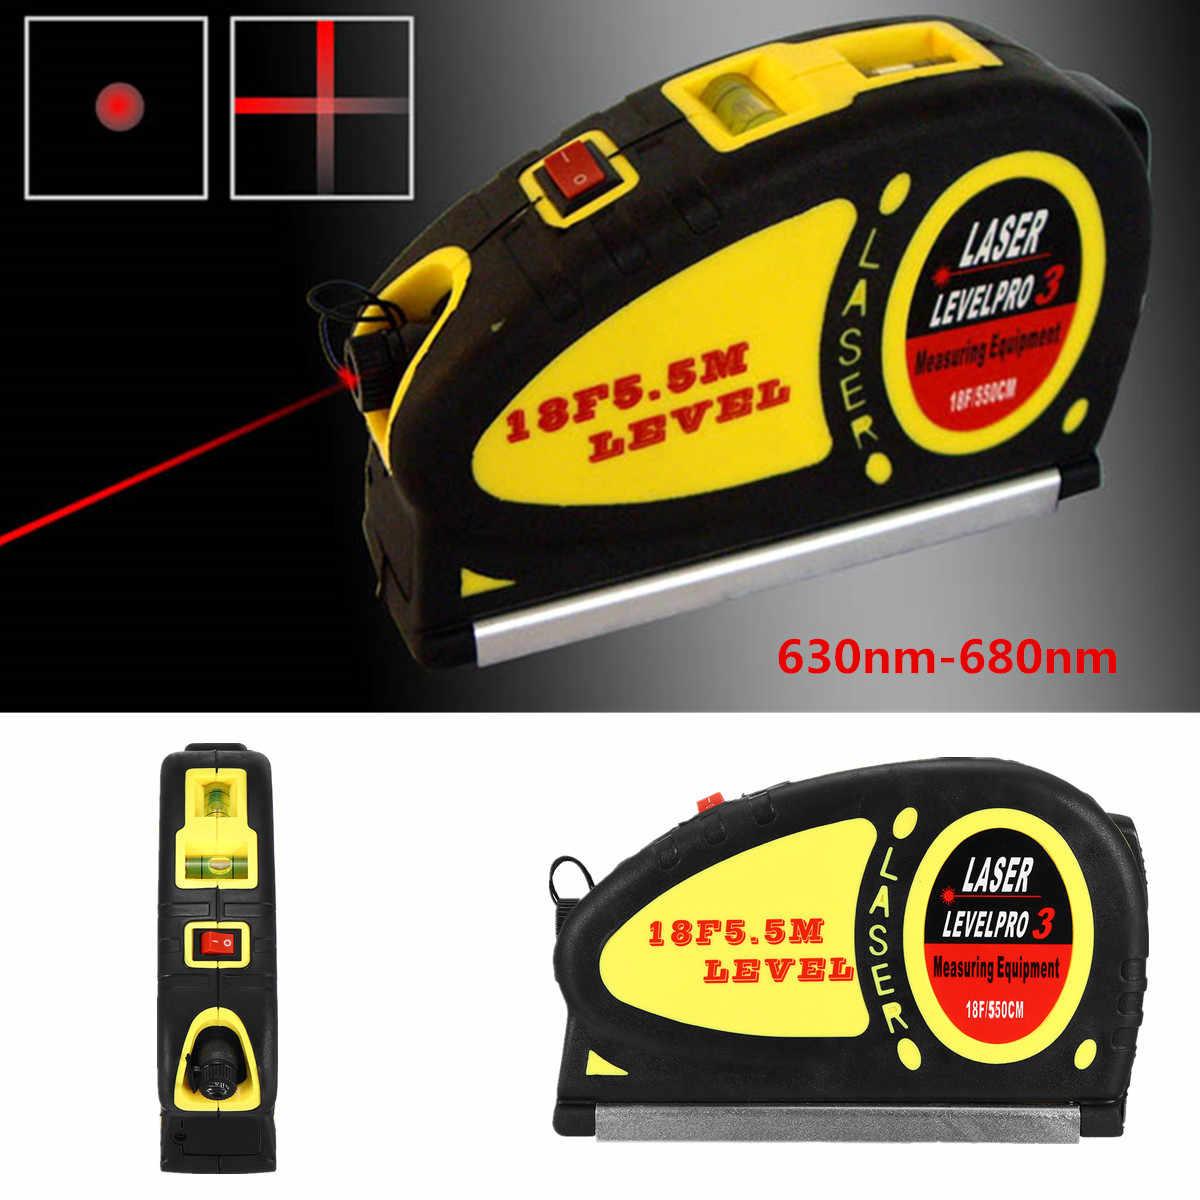 Четыре разных лазерный Стандартный 2 Way уровня пузырьков лазерный уровень линейка металлическая ABS + алюминиевый сплав 630nm-680nm световой диапазон 6-8 м